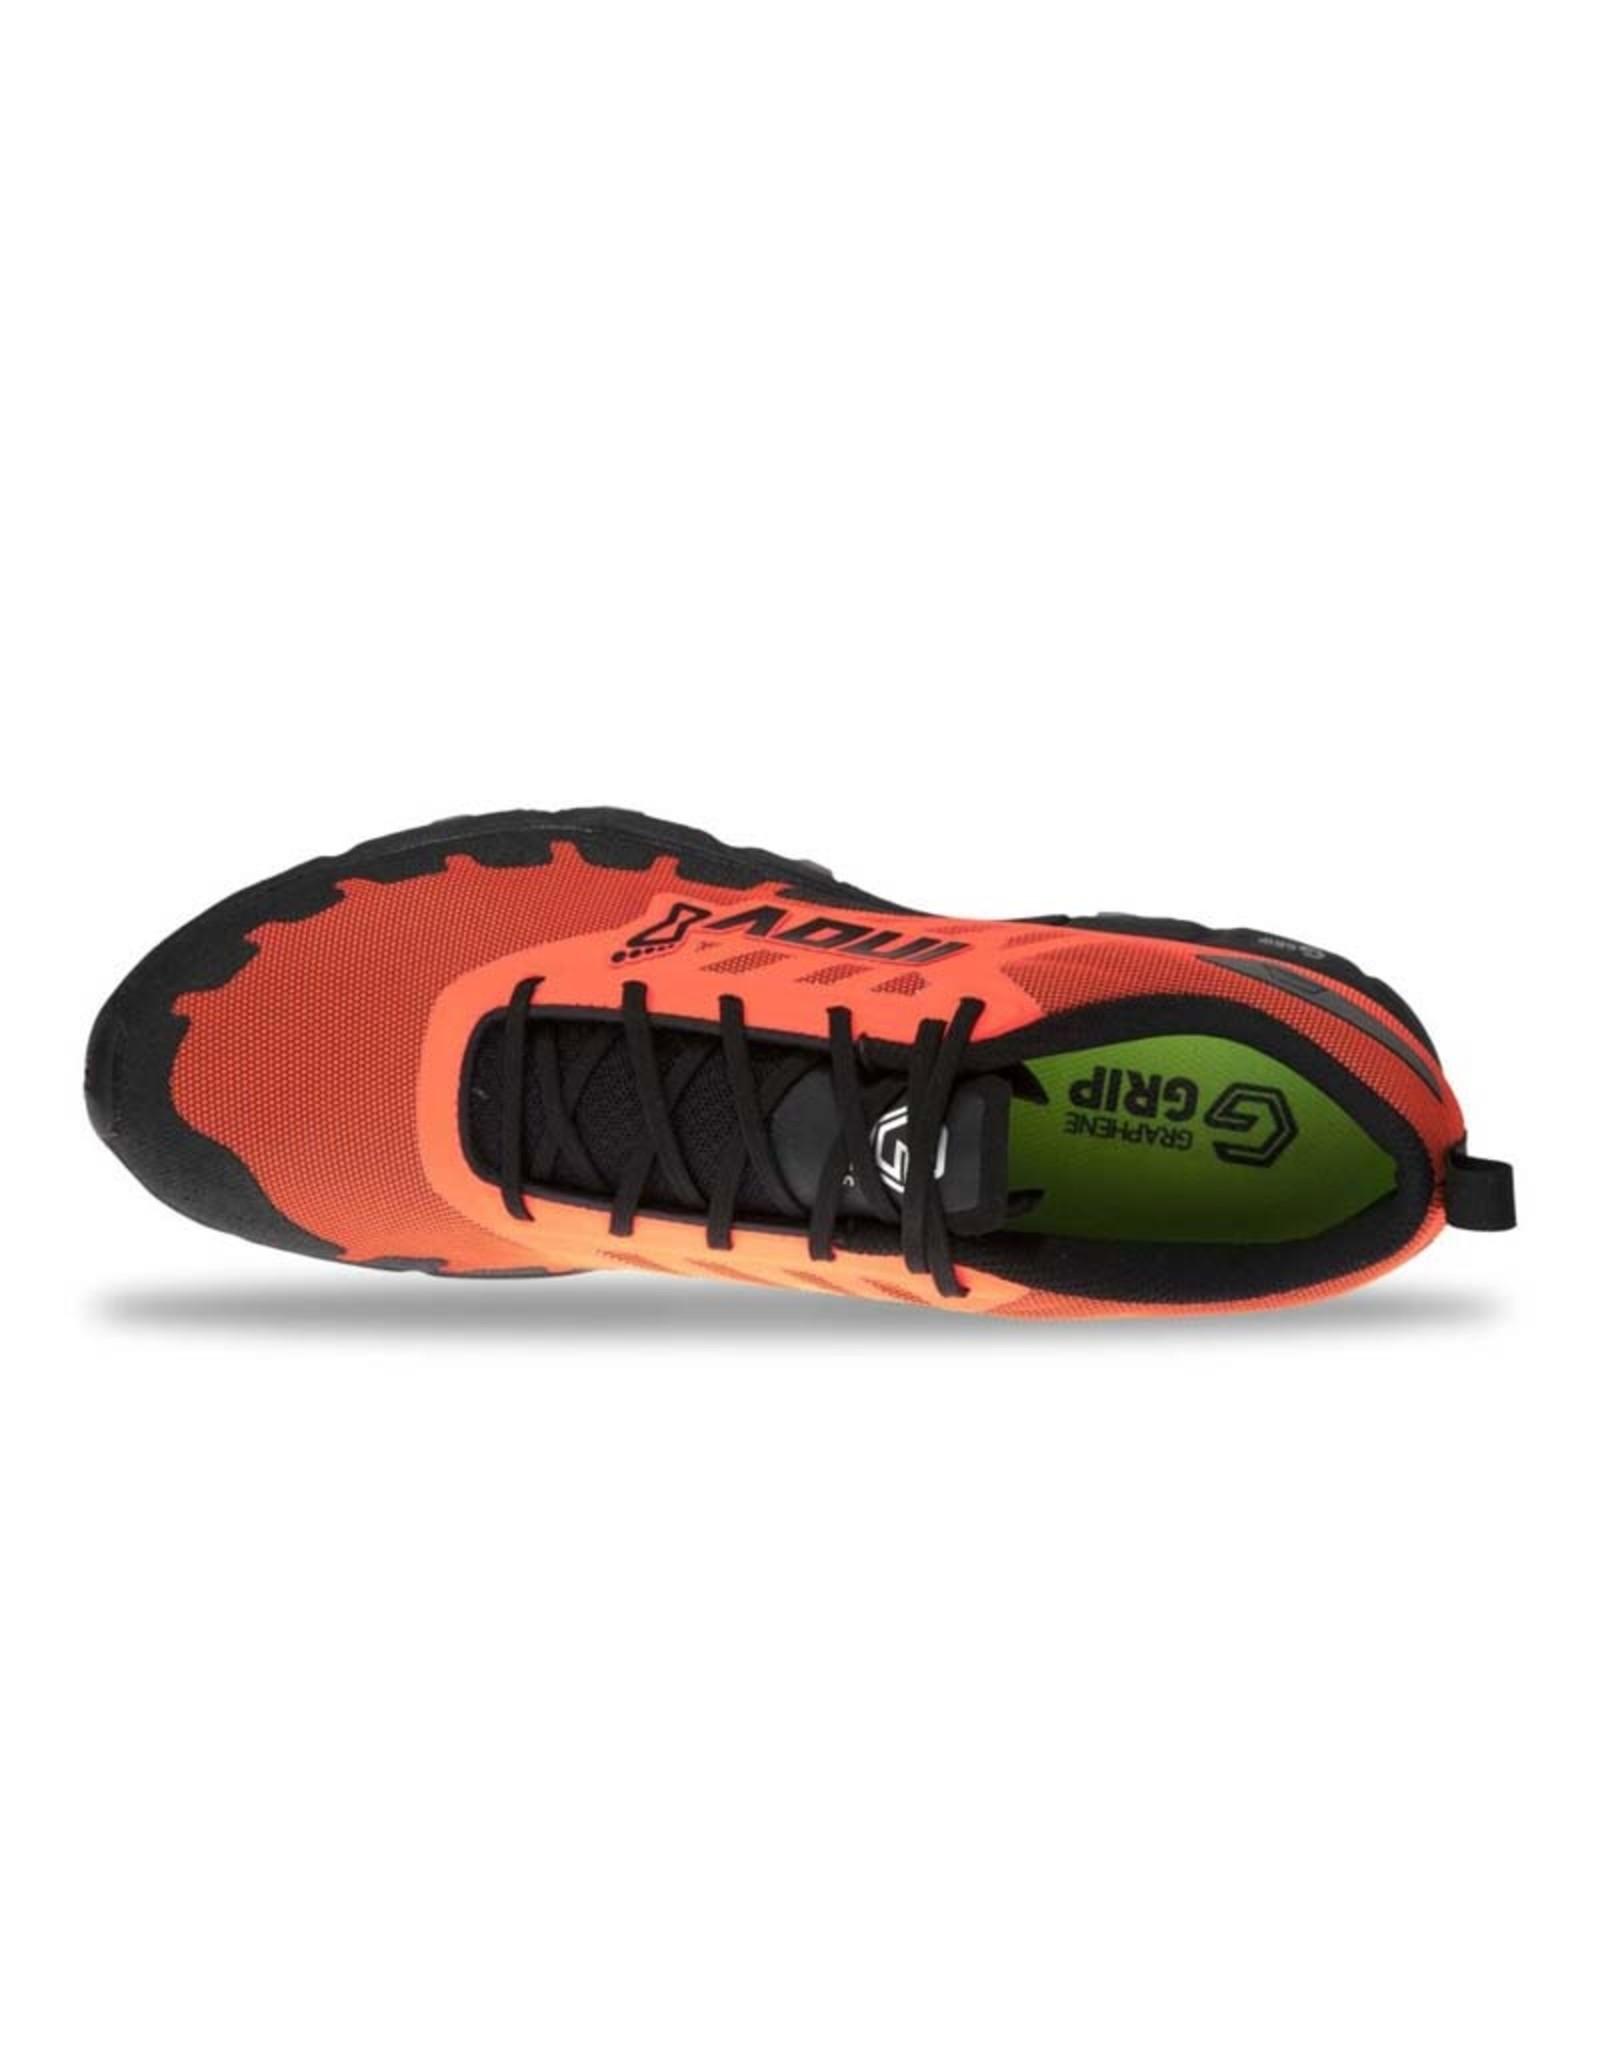 Inov-8 X-Talon G 235 Chaussure OCR et Survivalrun - Orange/Noir